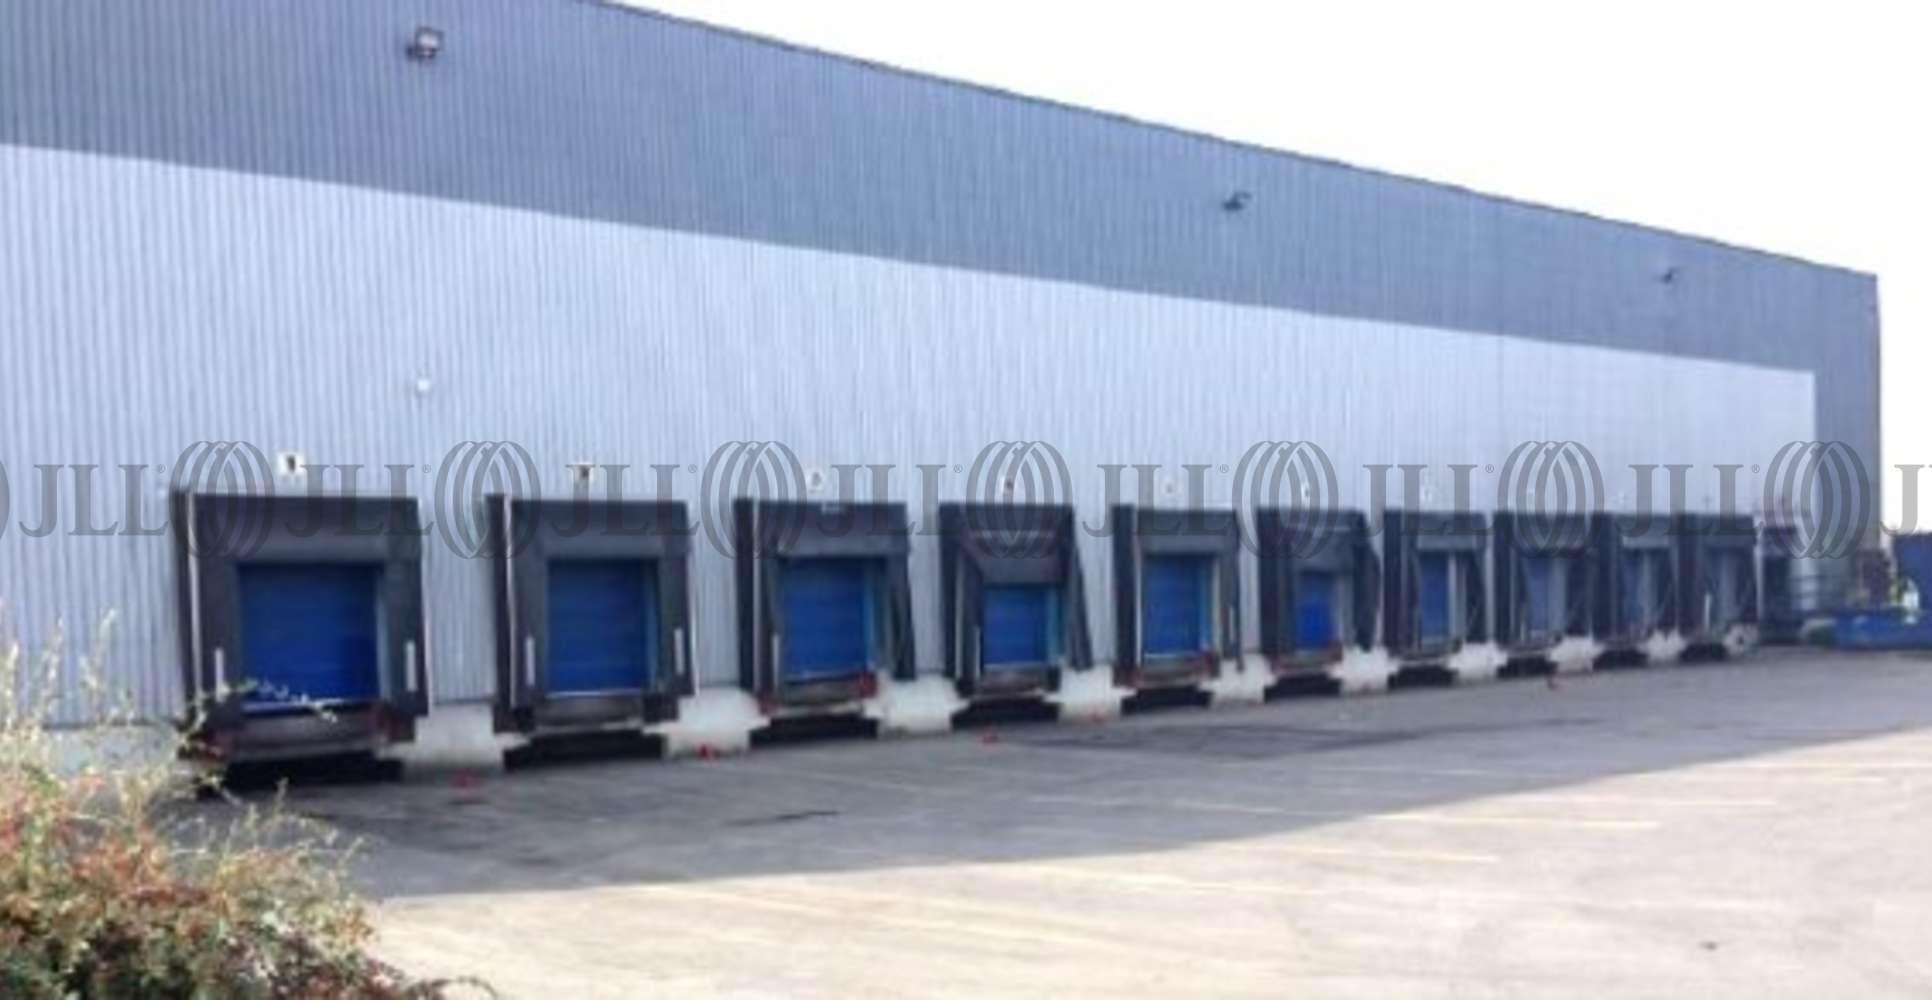 Plateformes logistiques St germain les arpajon, 91180 - 4 ROUTE DES LOGES